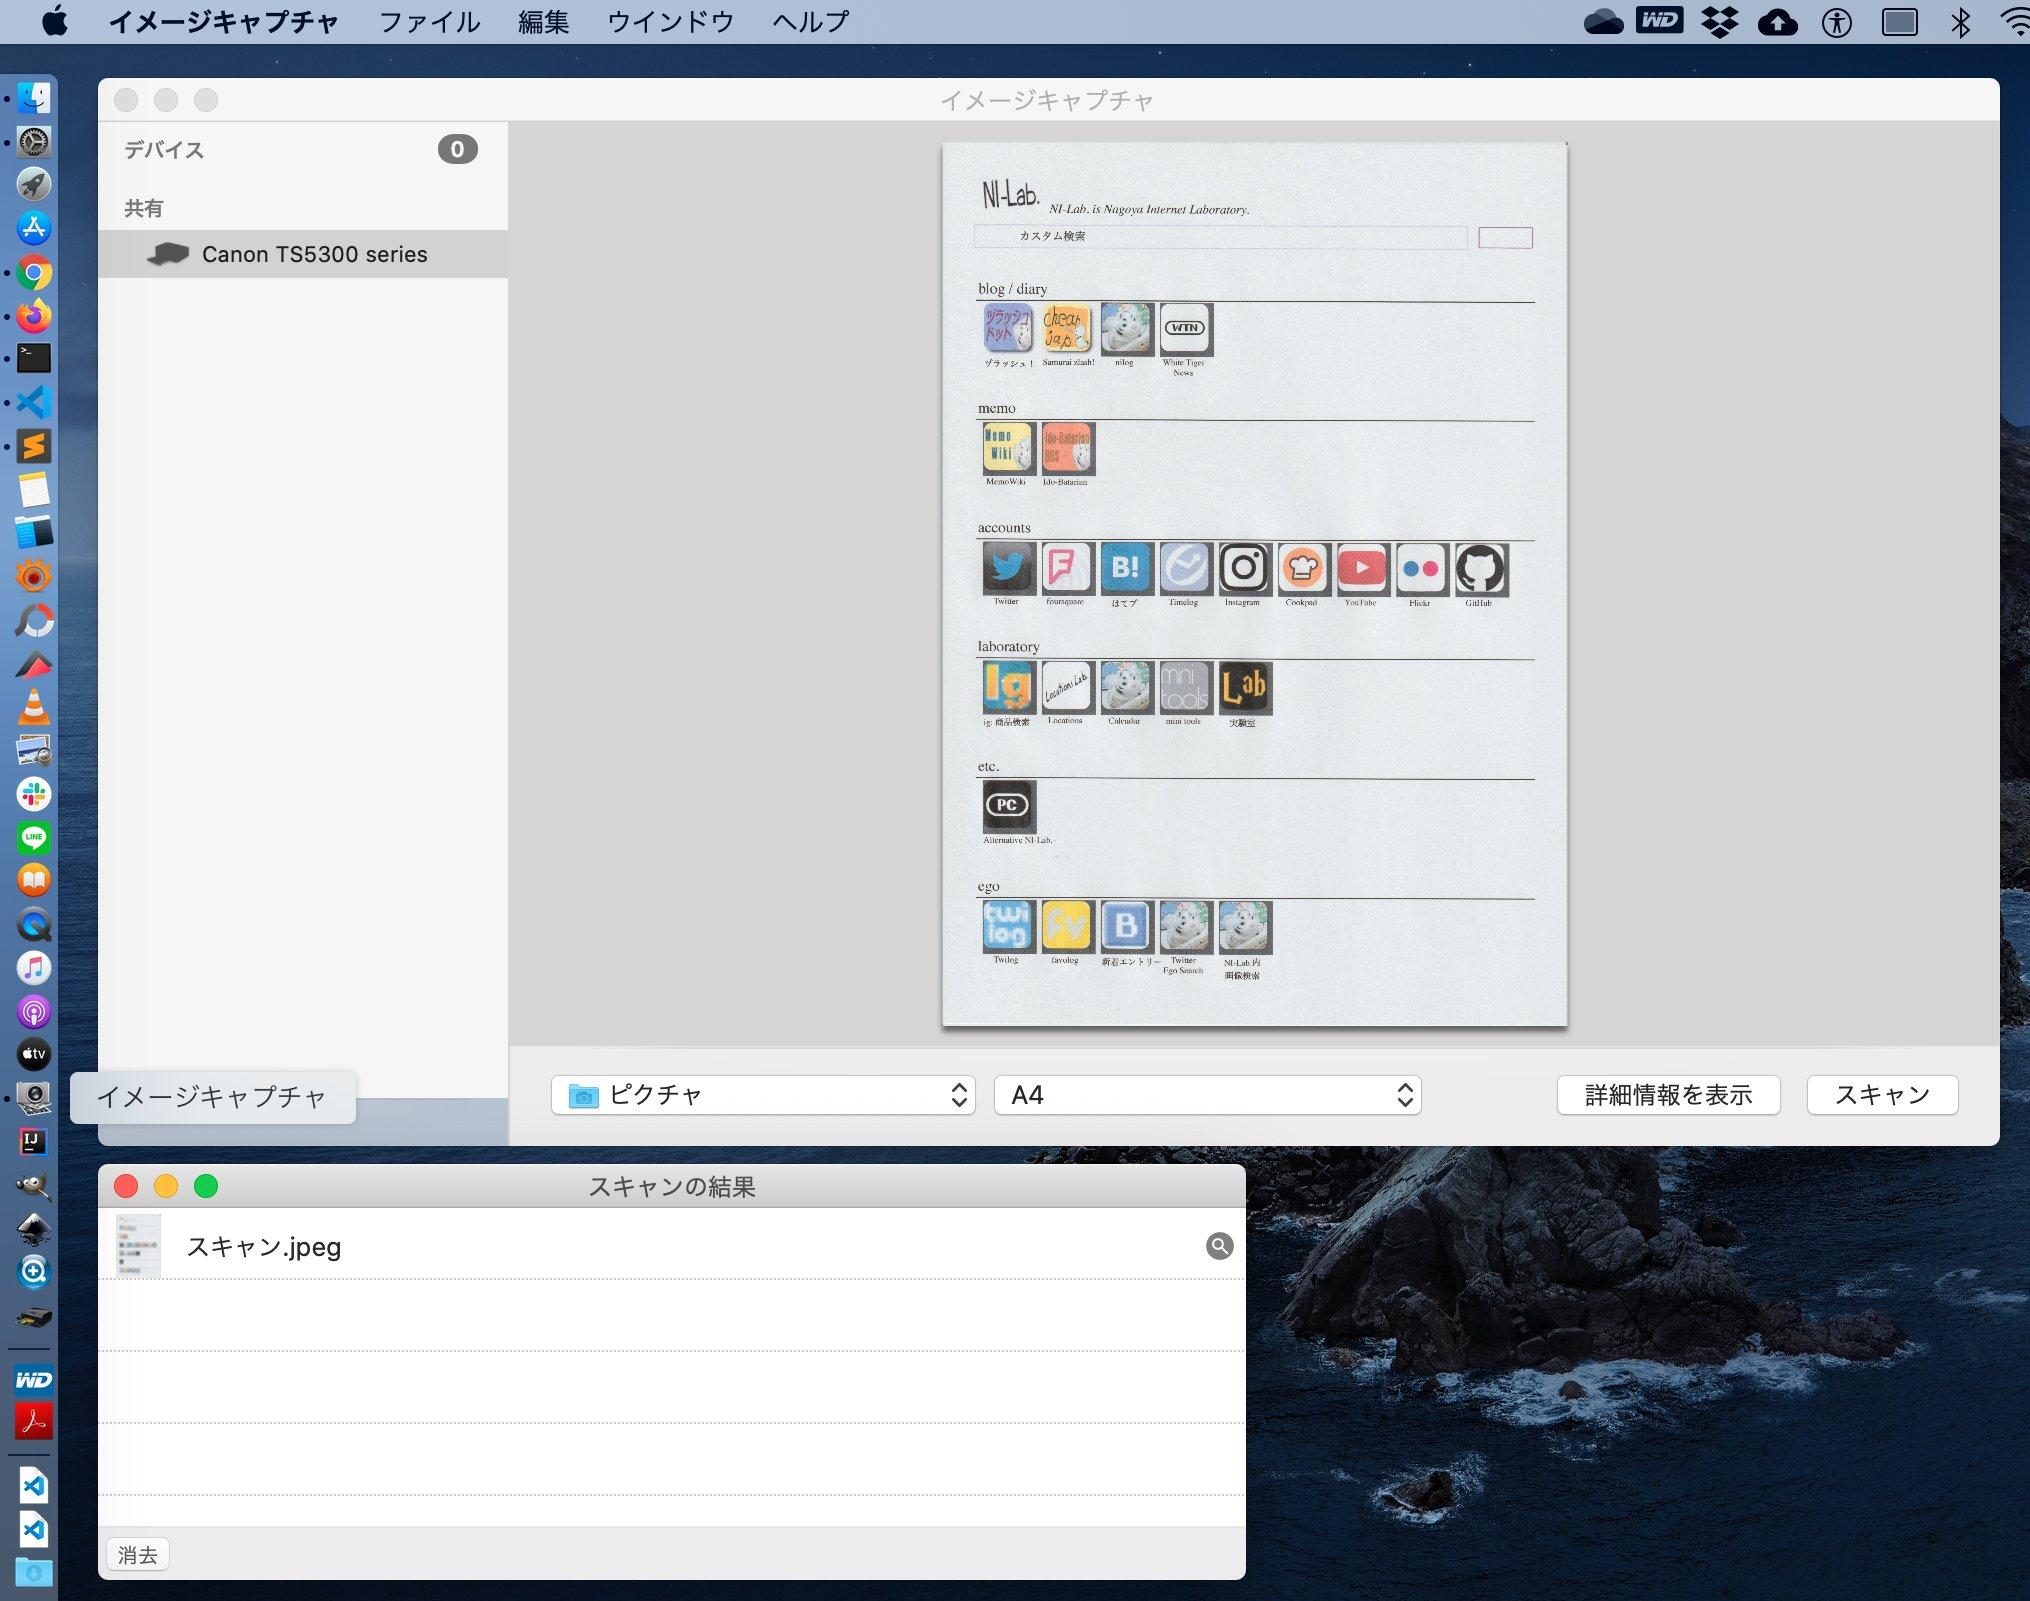 macOS のイメージキャプチャ (Image Capture) アプリと Canon PIXUS TS5330 でちゃんとスキャンできた。 https://t.co/kzkKng66Vi